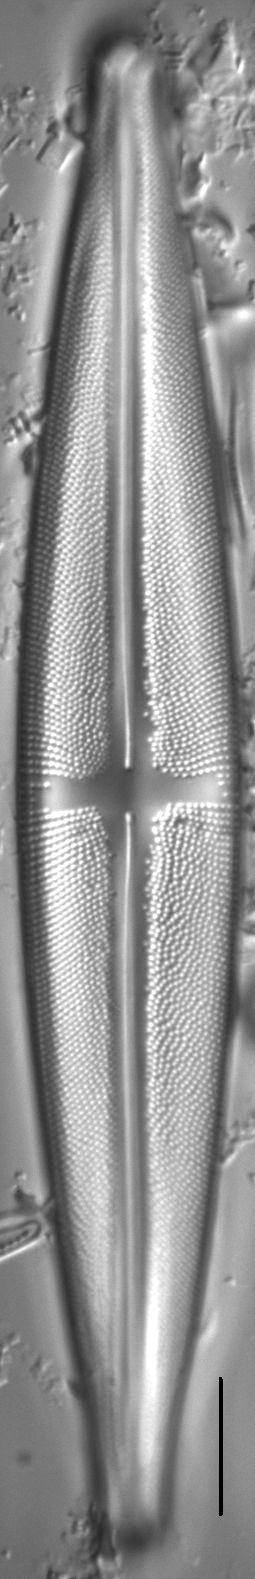 Stauroneis beeskovea LM3